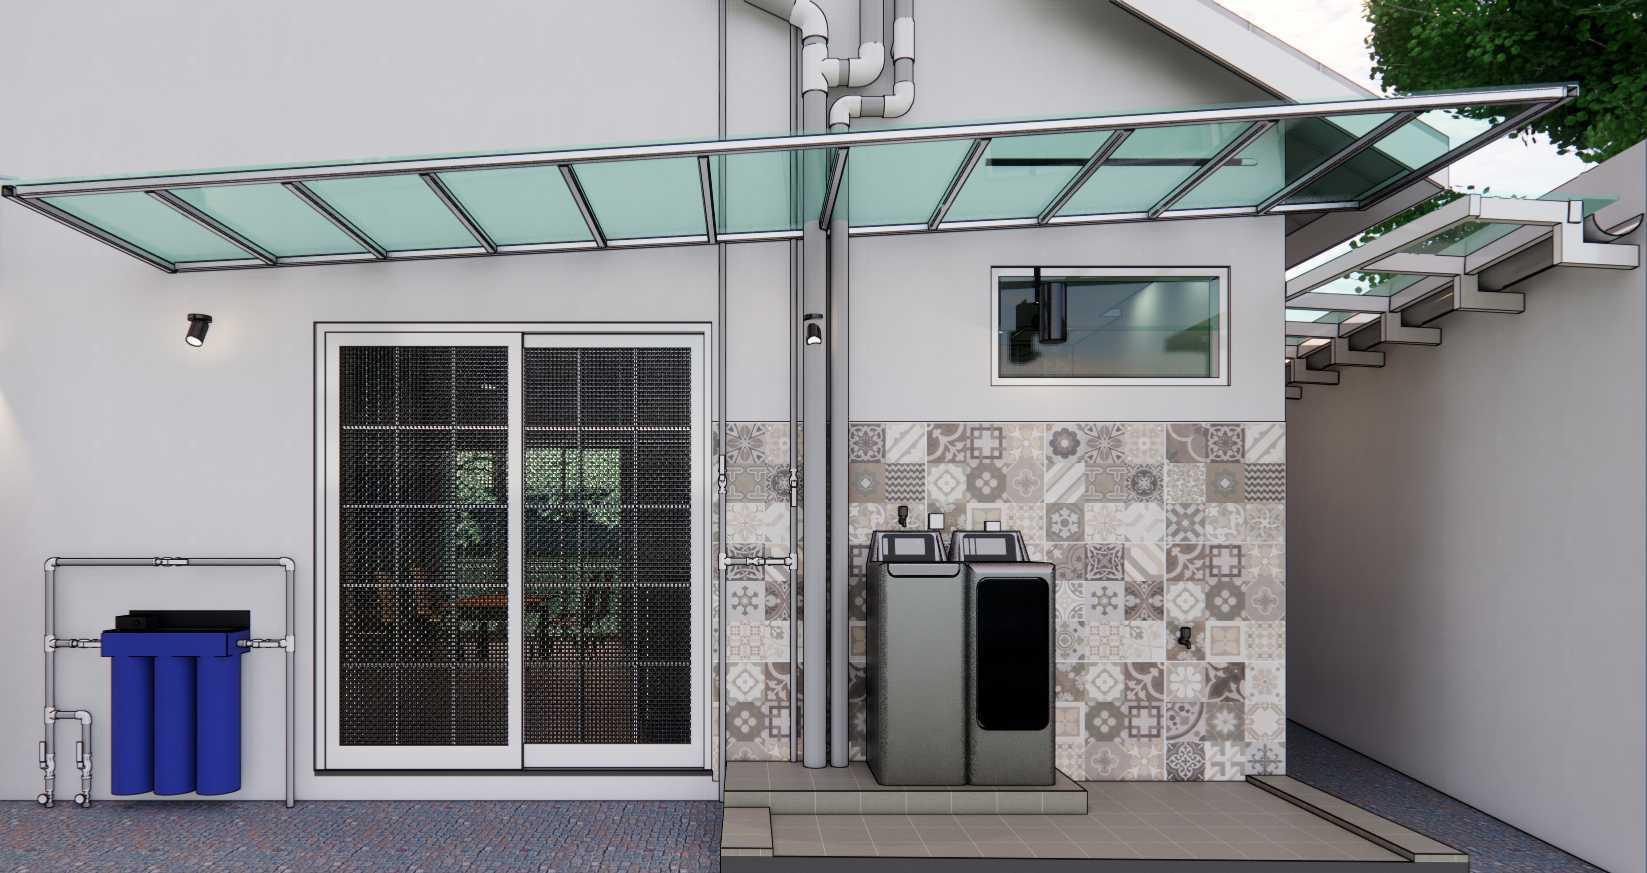 Gfs Architect T&d House Semarang, Jawa Tengah, Indonesia Semarang, Jawa Tengah, Indonesia T&d 3D Area Cuci & Jemur Industrial 108741